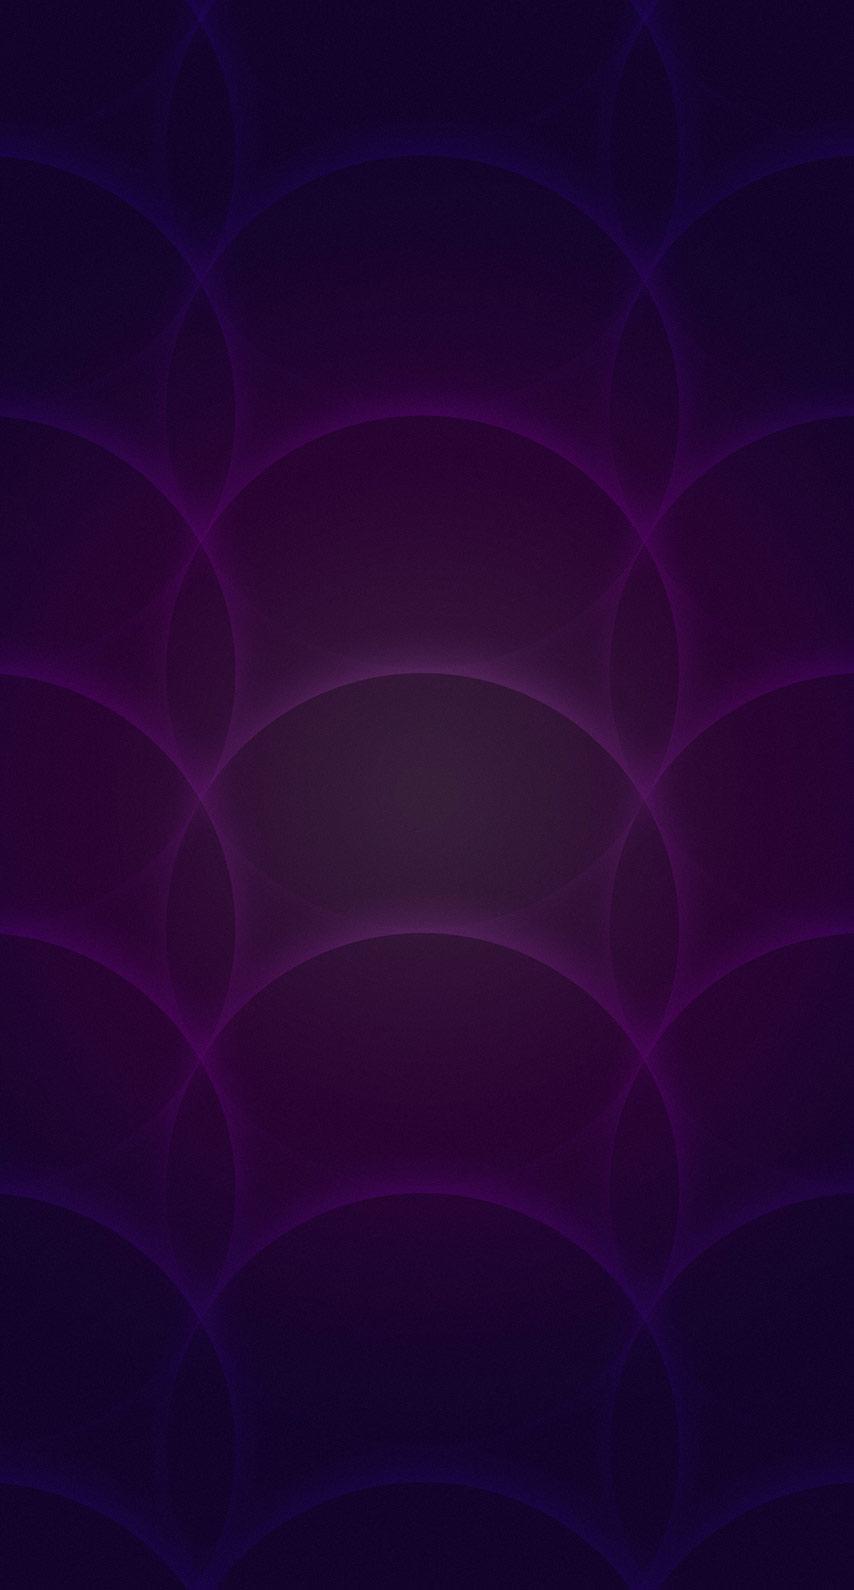 insubstantial, wallpaper, desktop, illustration, blur, shape, luminescence, shining, color